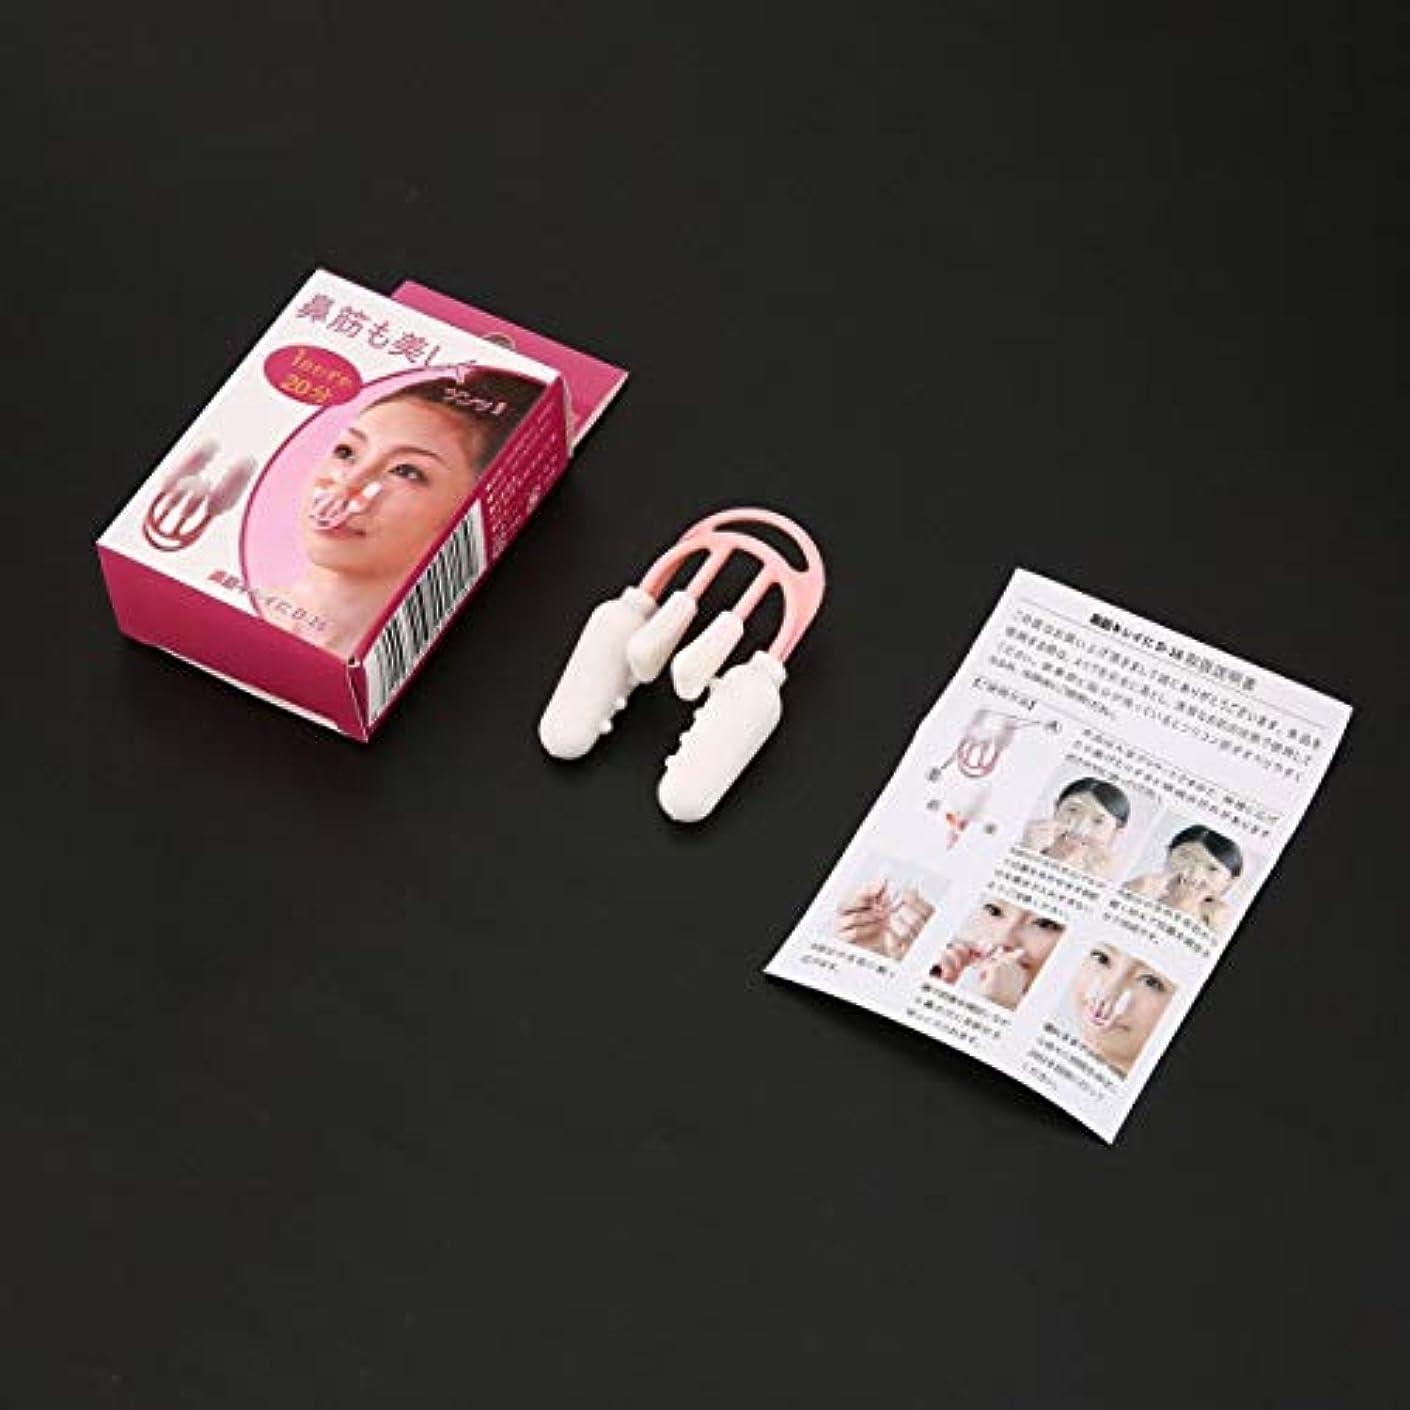 書士記念品不倫ノーズアップリフティングシェイピングシェイパークリップノーズクリッパーブリッジ矯正鼻コレクター鼻マッサージャーメイクアップ美容ツール - ホワイト&ピンク